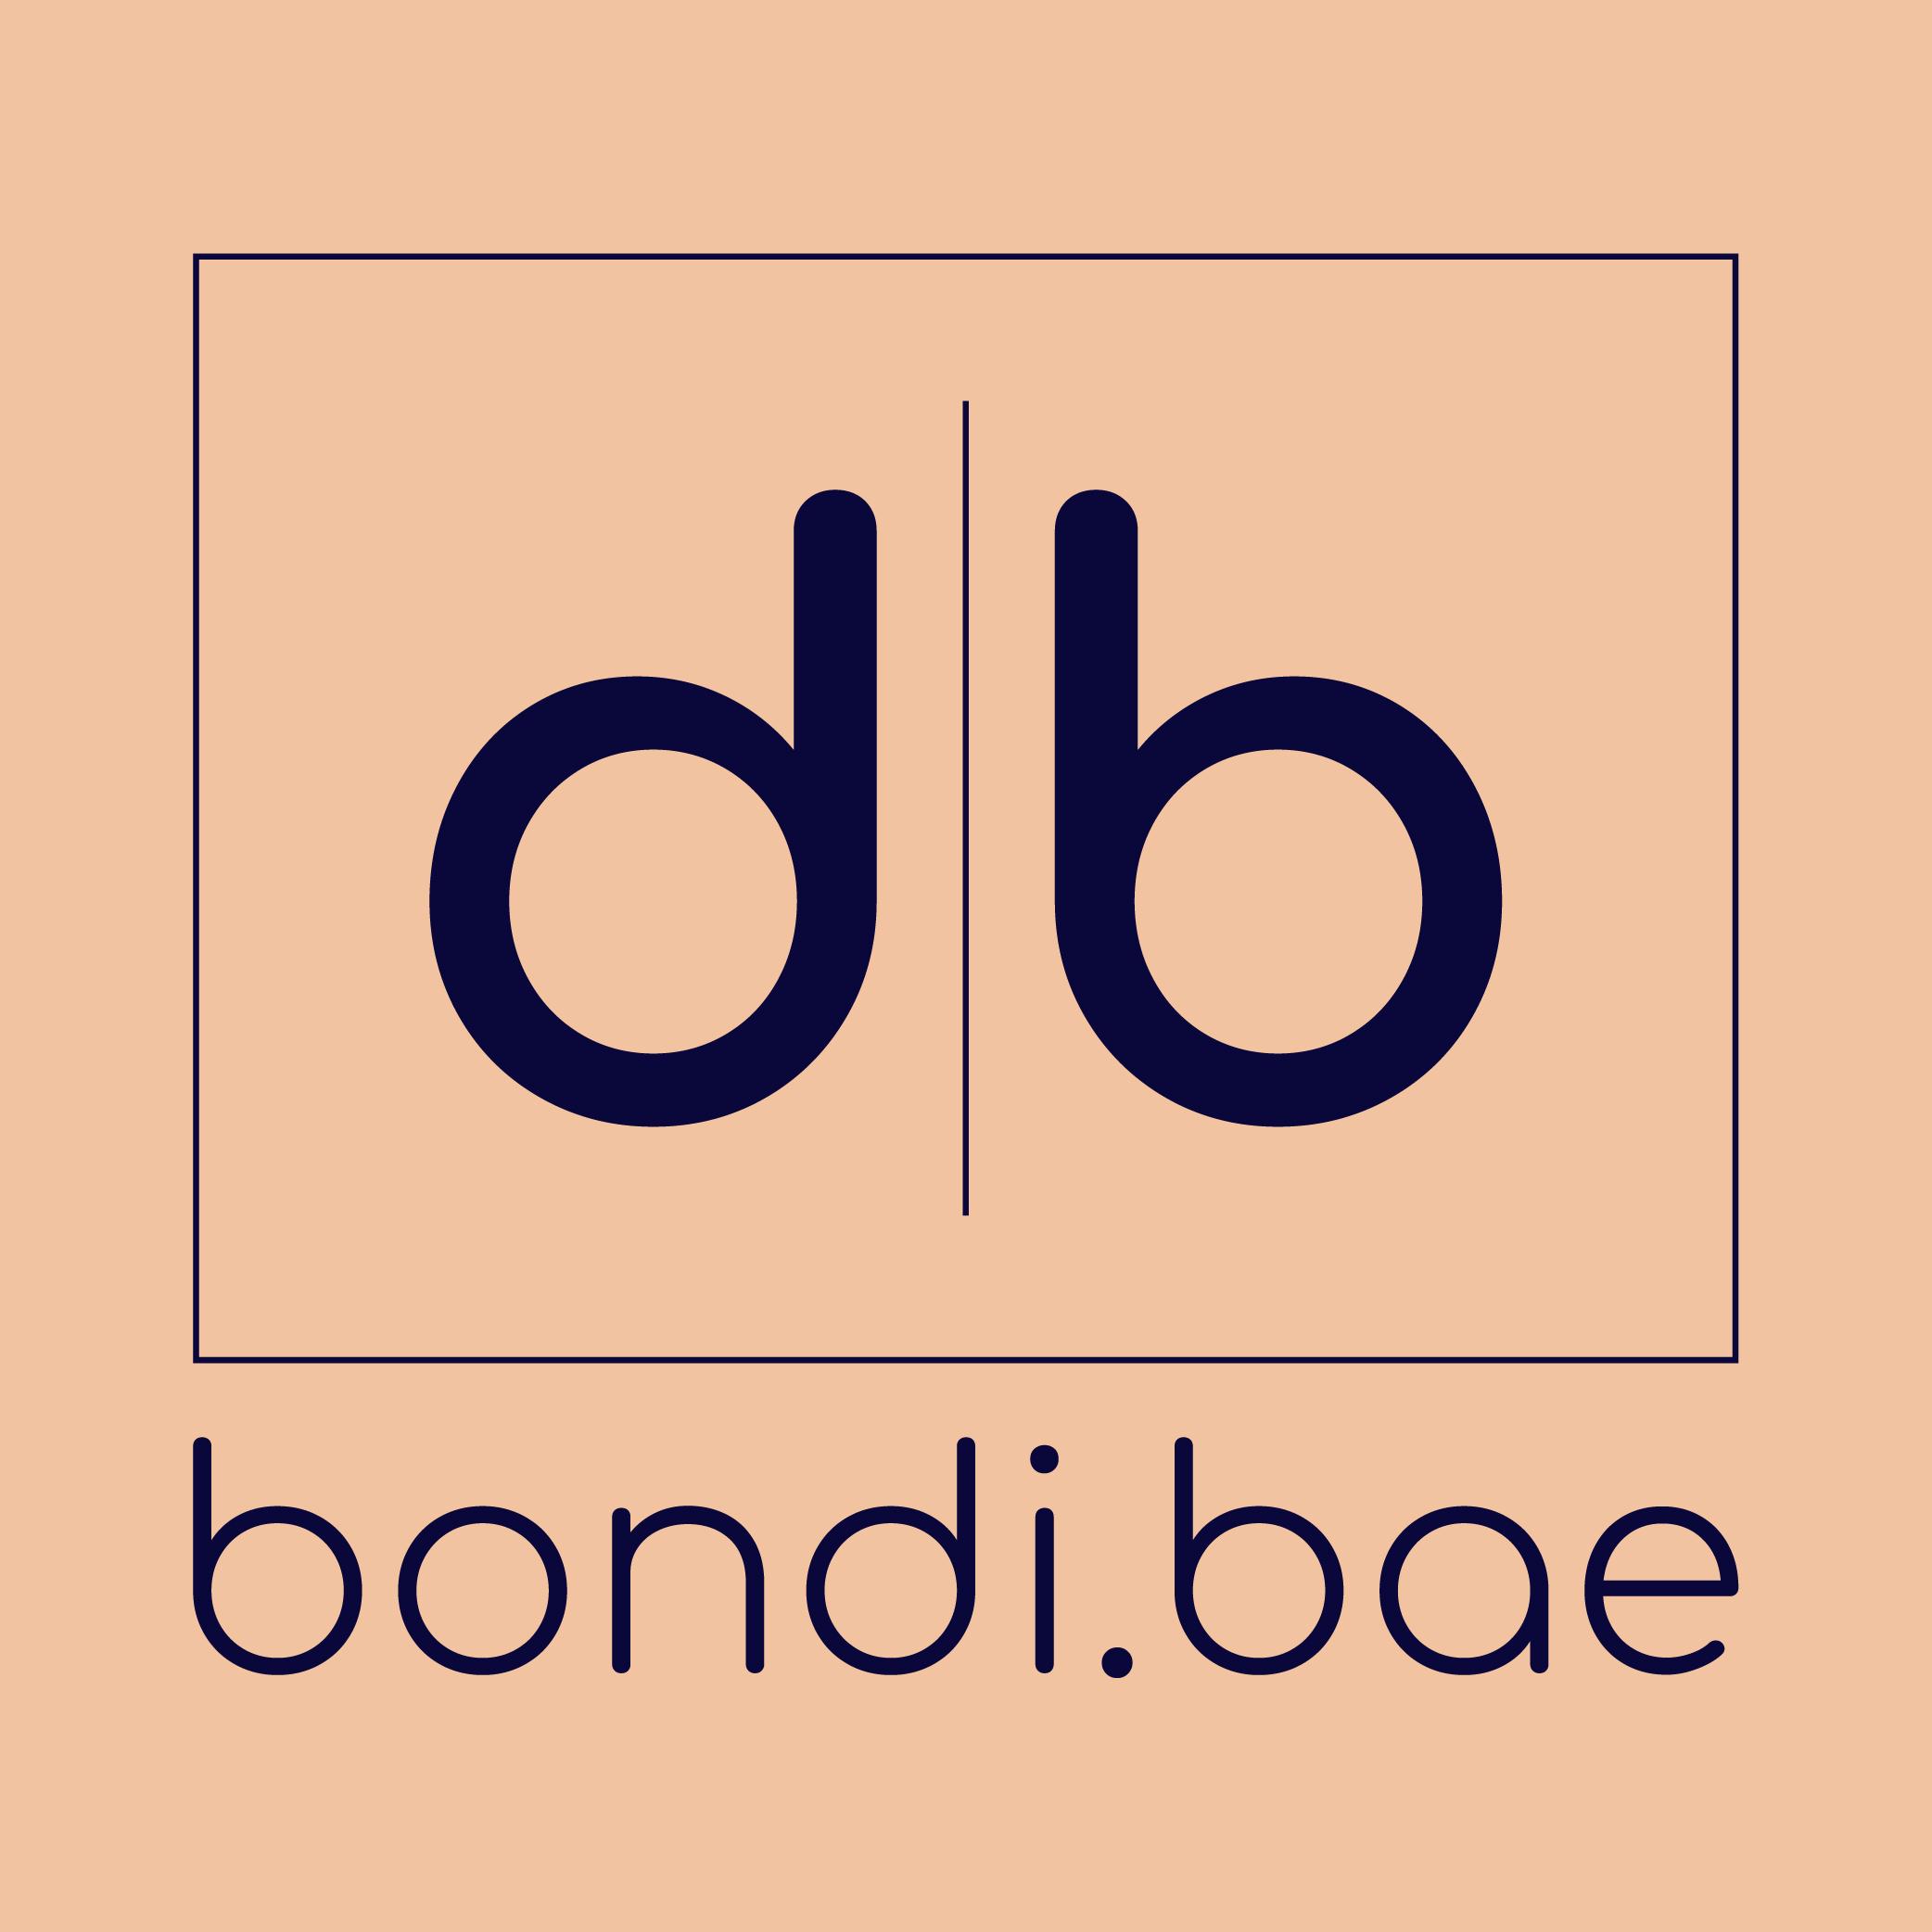 bondi.bae_whole_navy.jpg